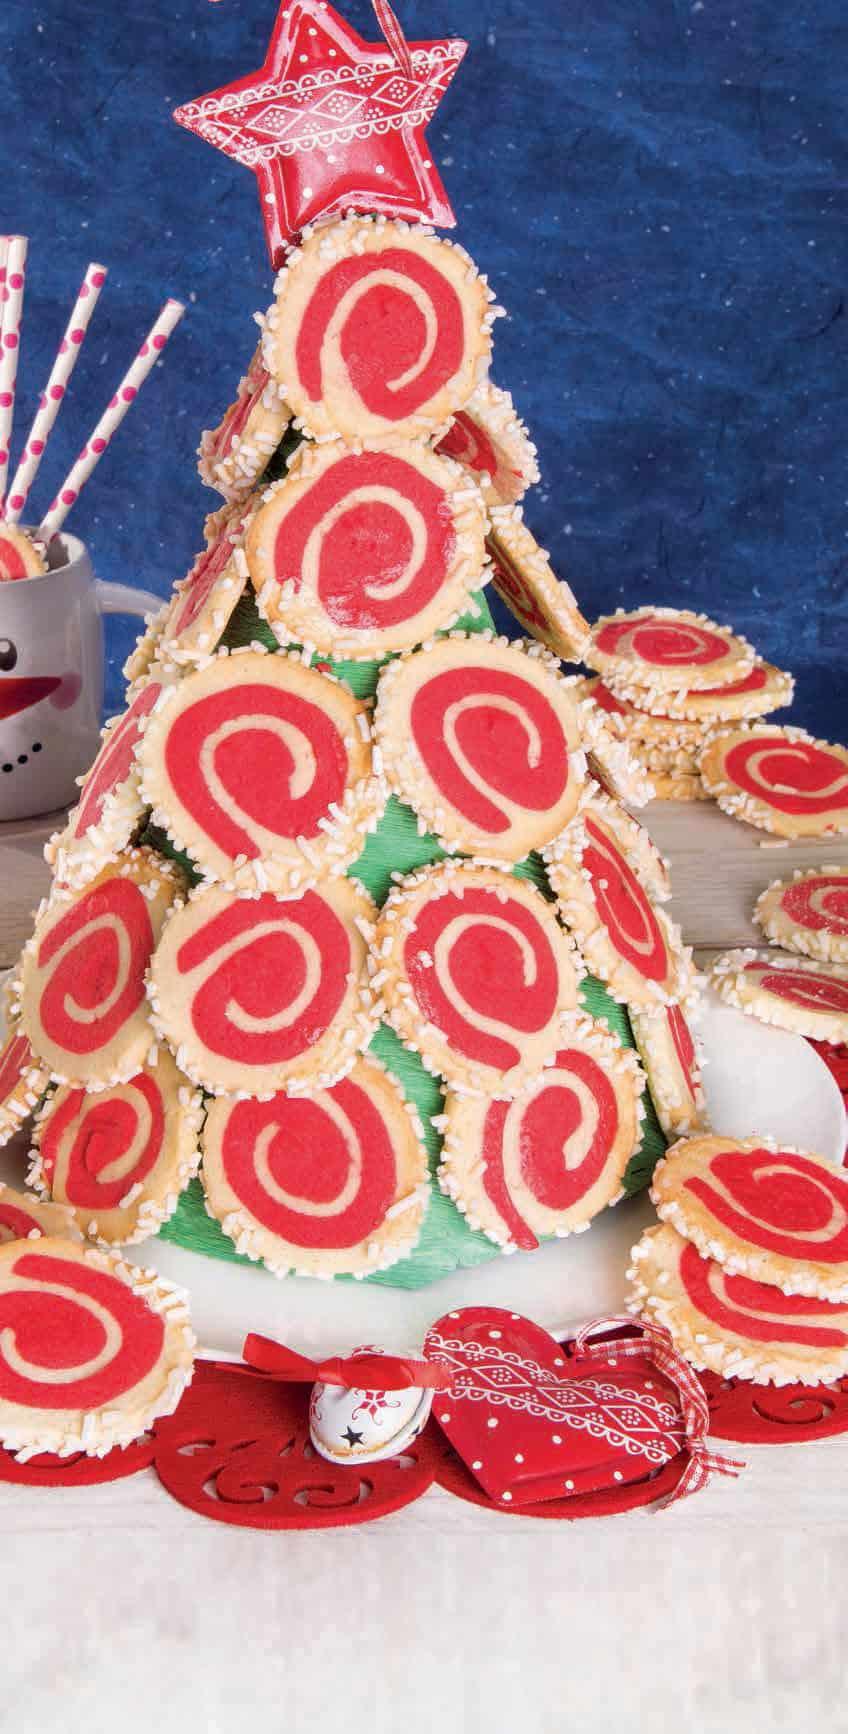 Albero Di Natale Fatto Con I Biscotti.Torre Di Biscotti L Albero Di Natale Piu Goloso Che Ci Sia Magpedia